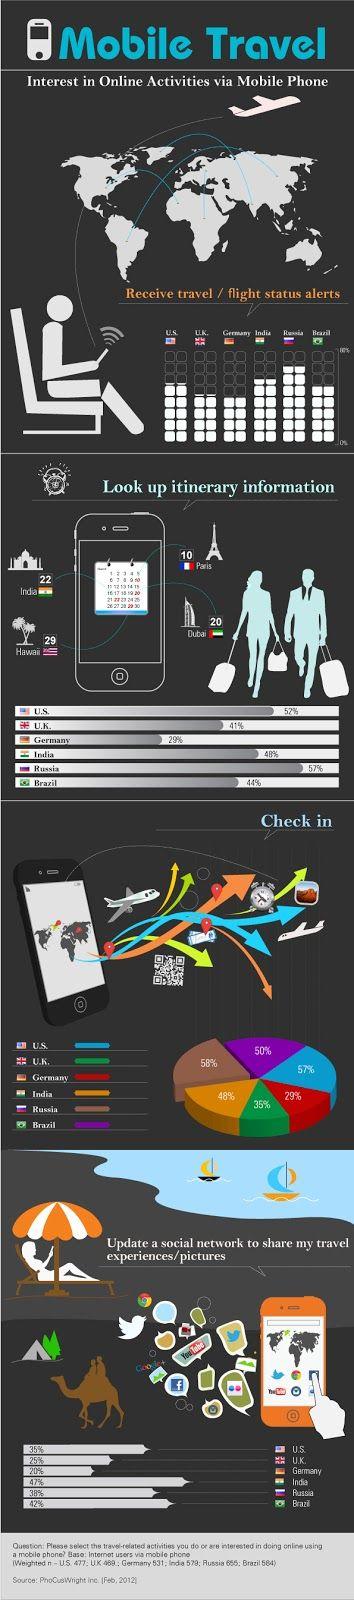 El blog del Marketing: El viajero social. Un día de viaje 2.0